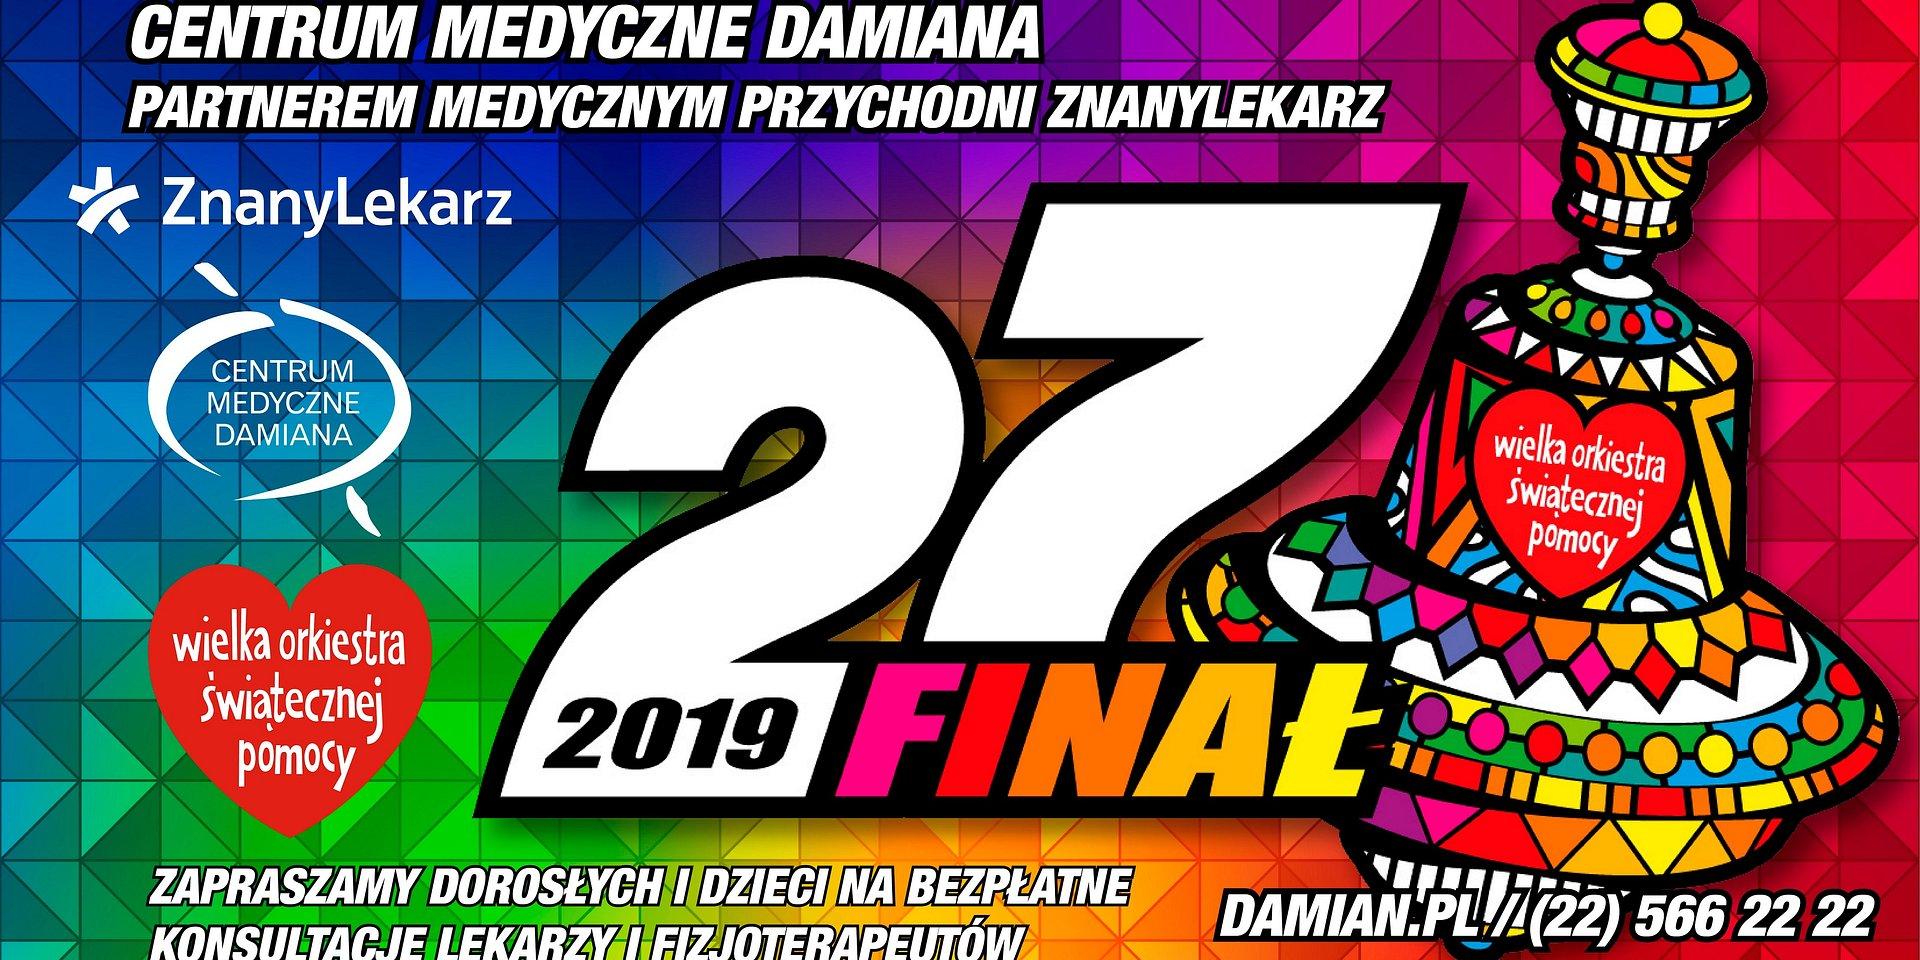 Centrum Medyczne Damiana wspiera 27. Finał Wielkiej Orkiestry Świątecznej Pomocy